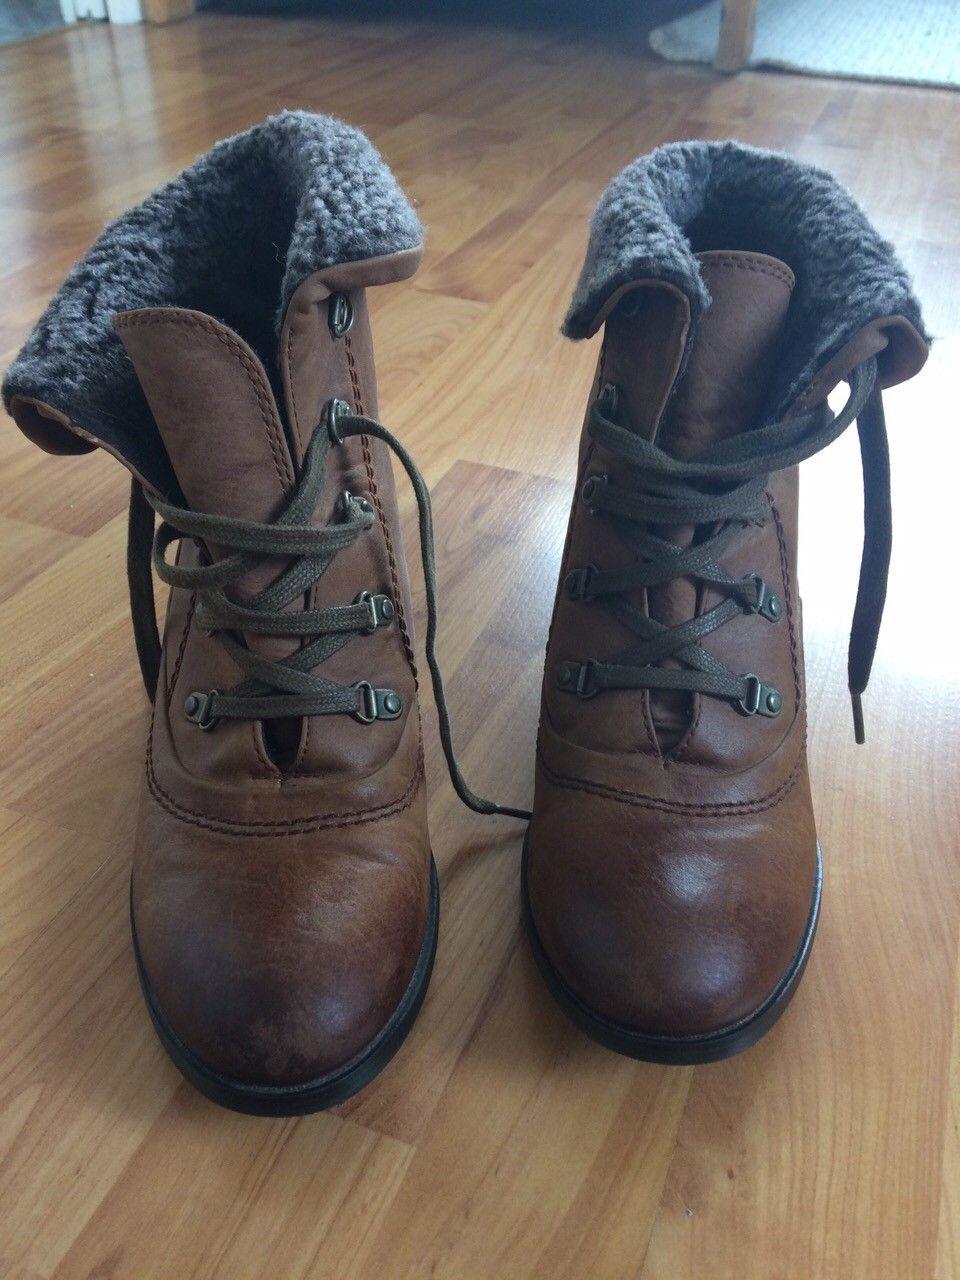 """Chilli boots (str. 41) - Oslo  - Selger pene og nesten ubrukte Chilli støvletter/boots i str 41, brukt kanskje to ganger. Skoene har pene detaljer med hæler og """"saueskinn-imitasjon"""".  Fine til høsten!  Selger fordi jeg ikke har brukt dem. - Oslo"""